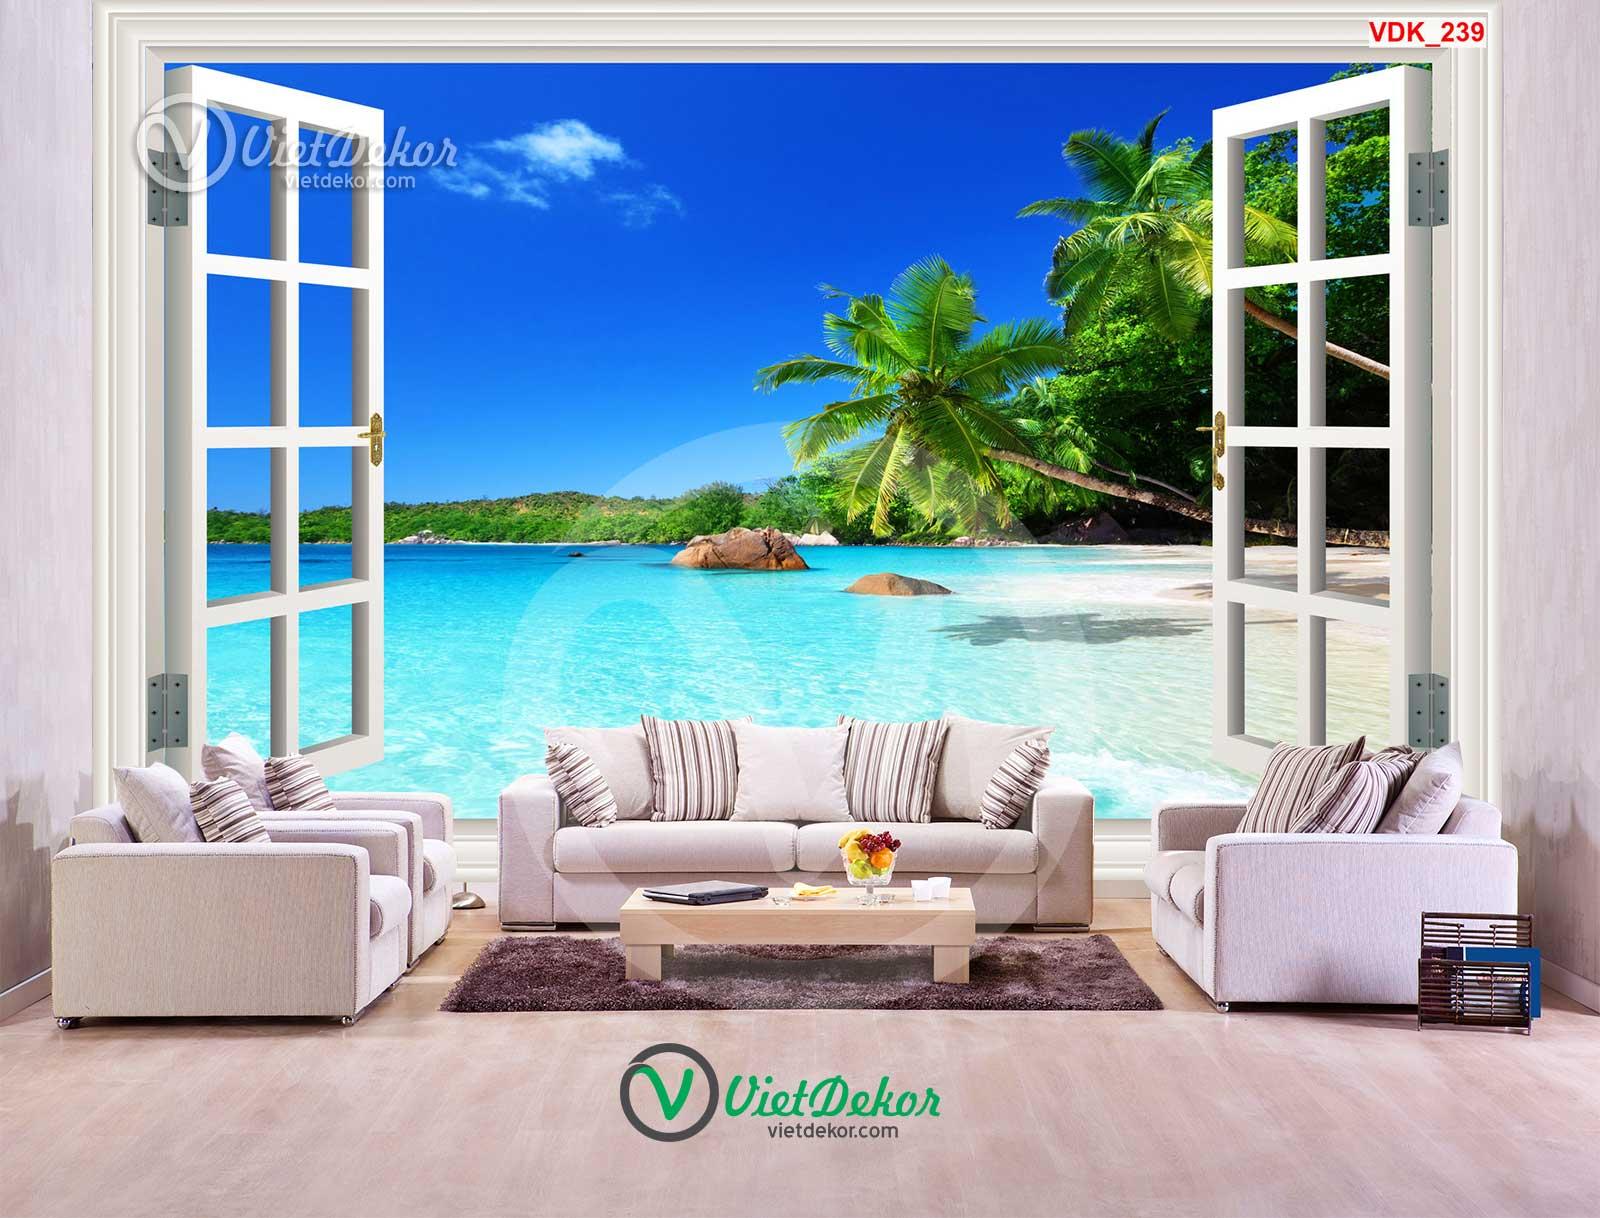 Tranh 3d dán tường cửa sổ cho phòng khách đẹp